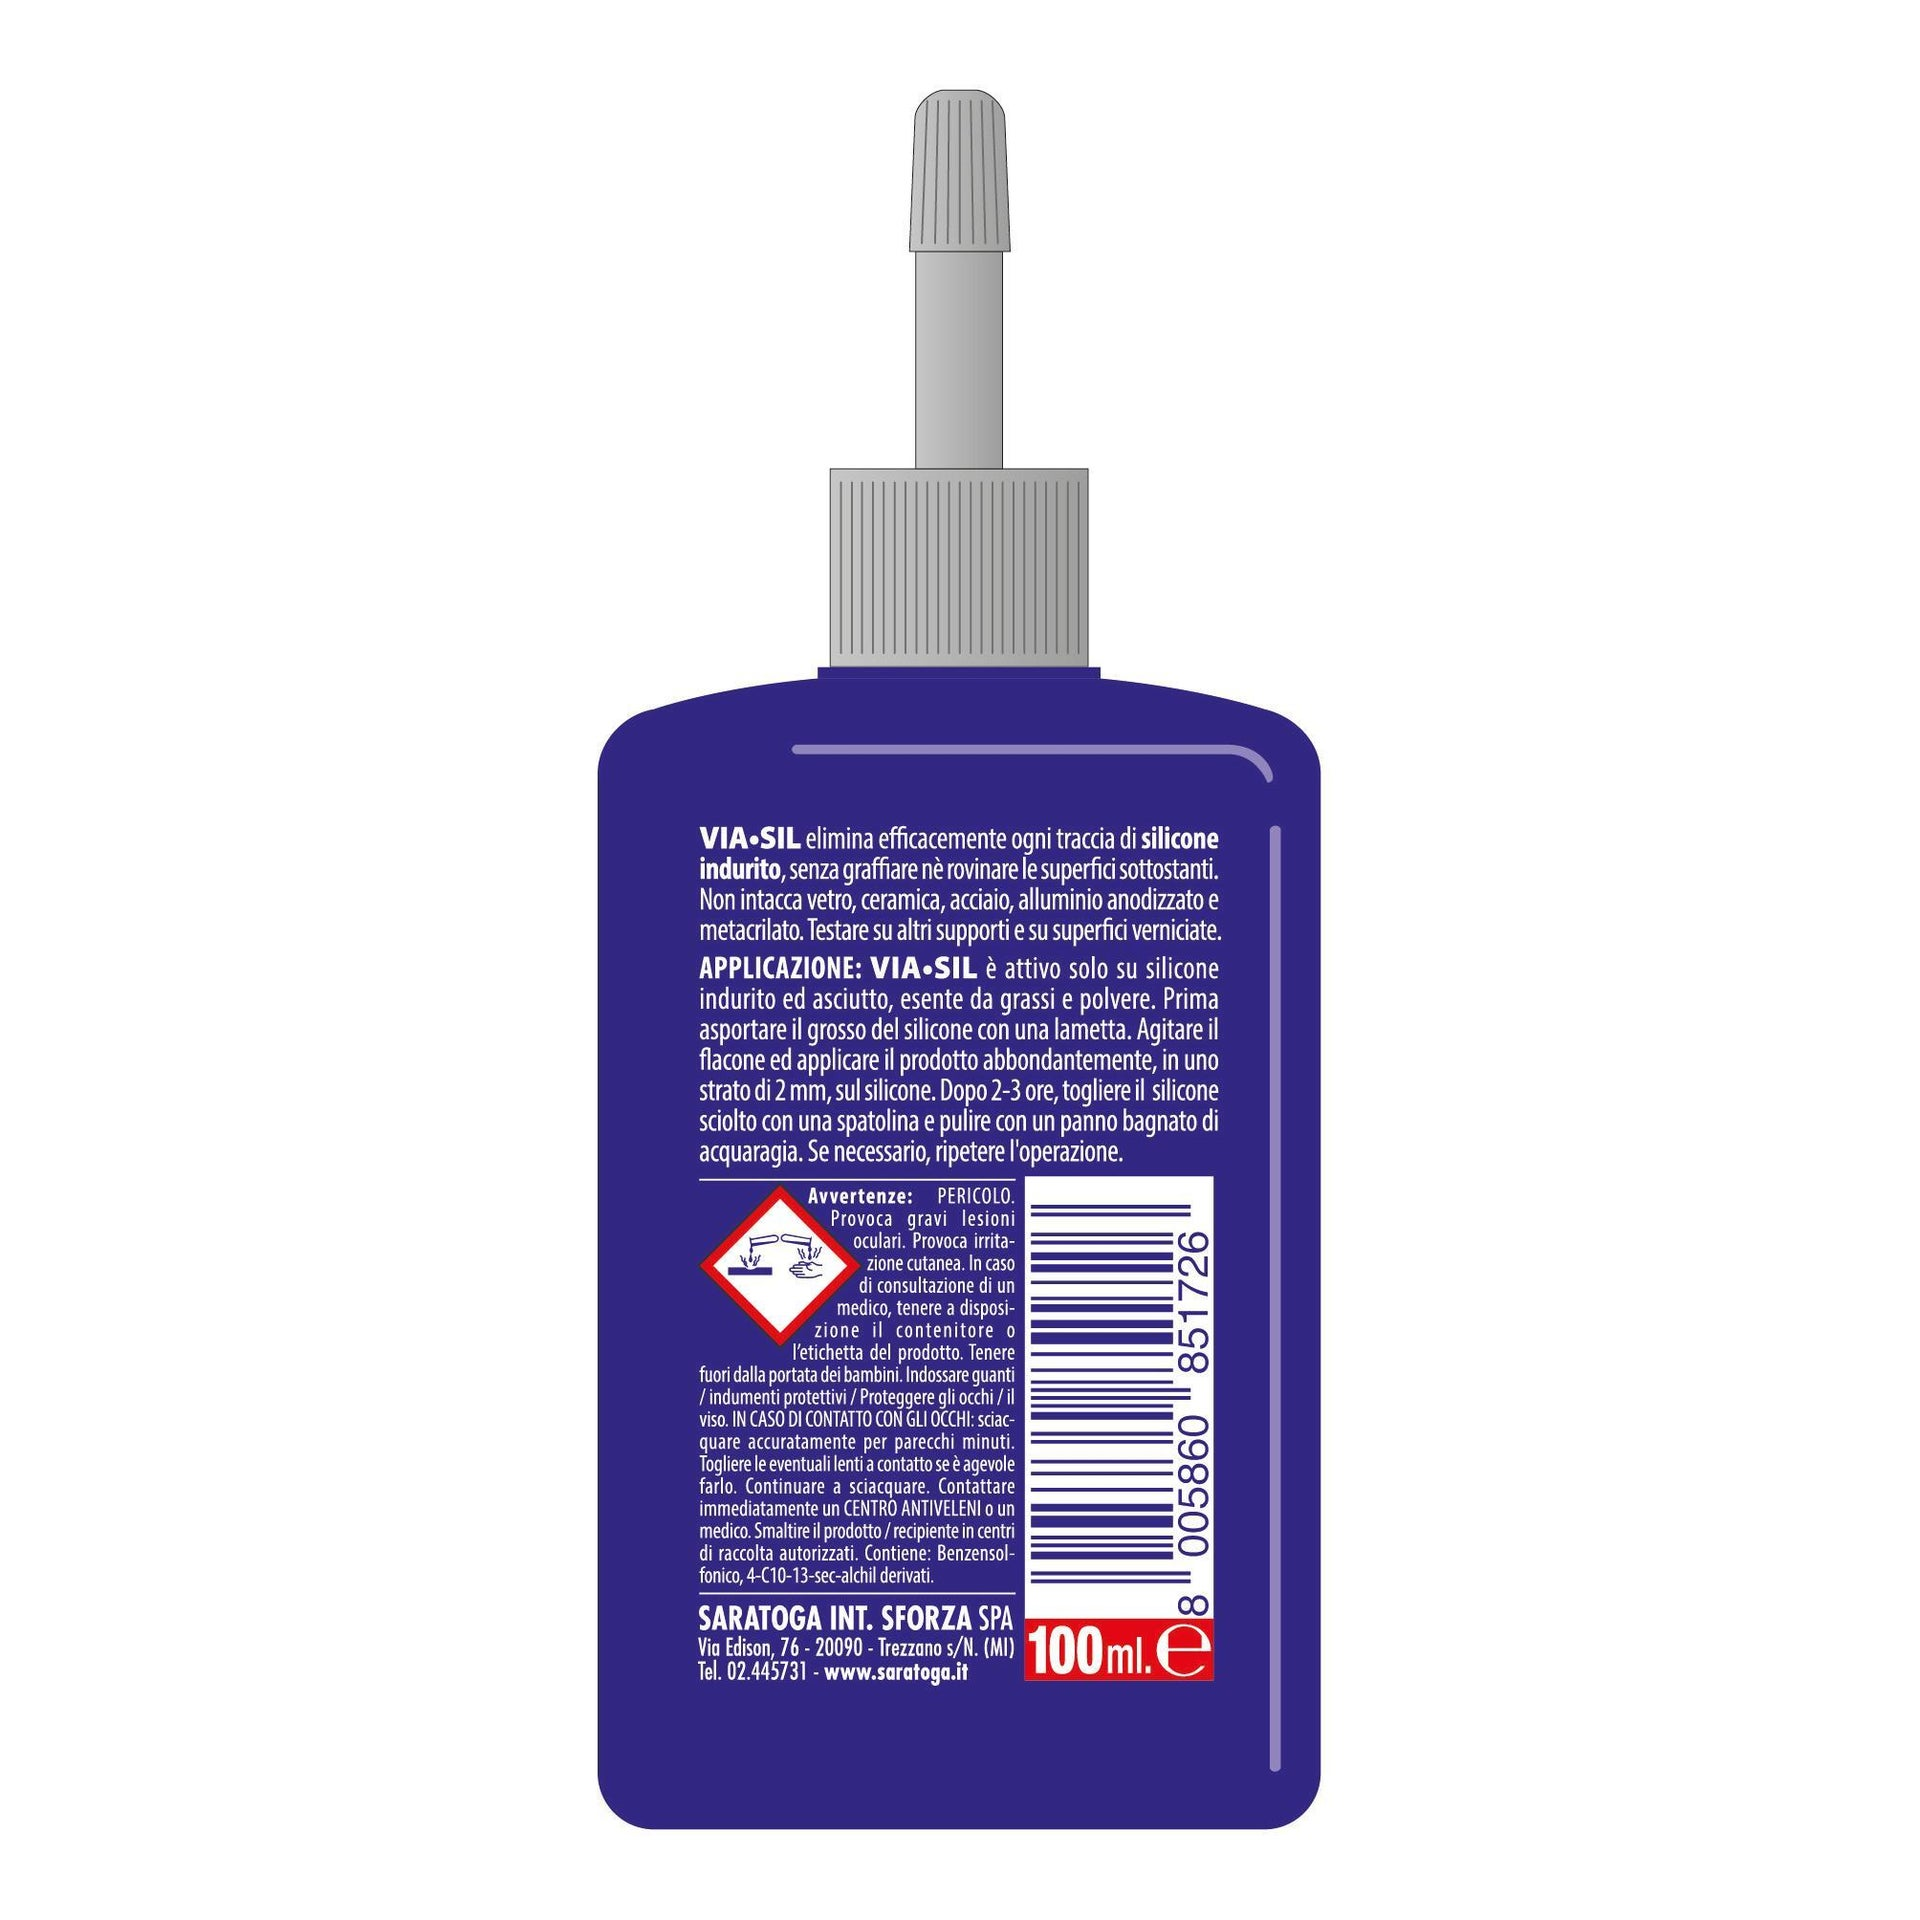 Rimuovi silicone Viasil per eliminare il prodotto indurito - 3